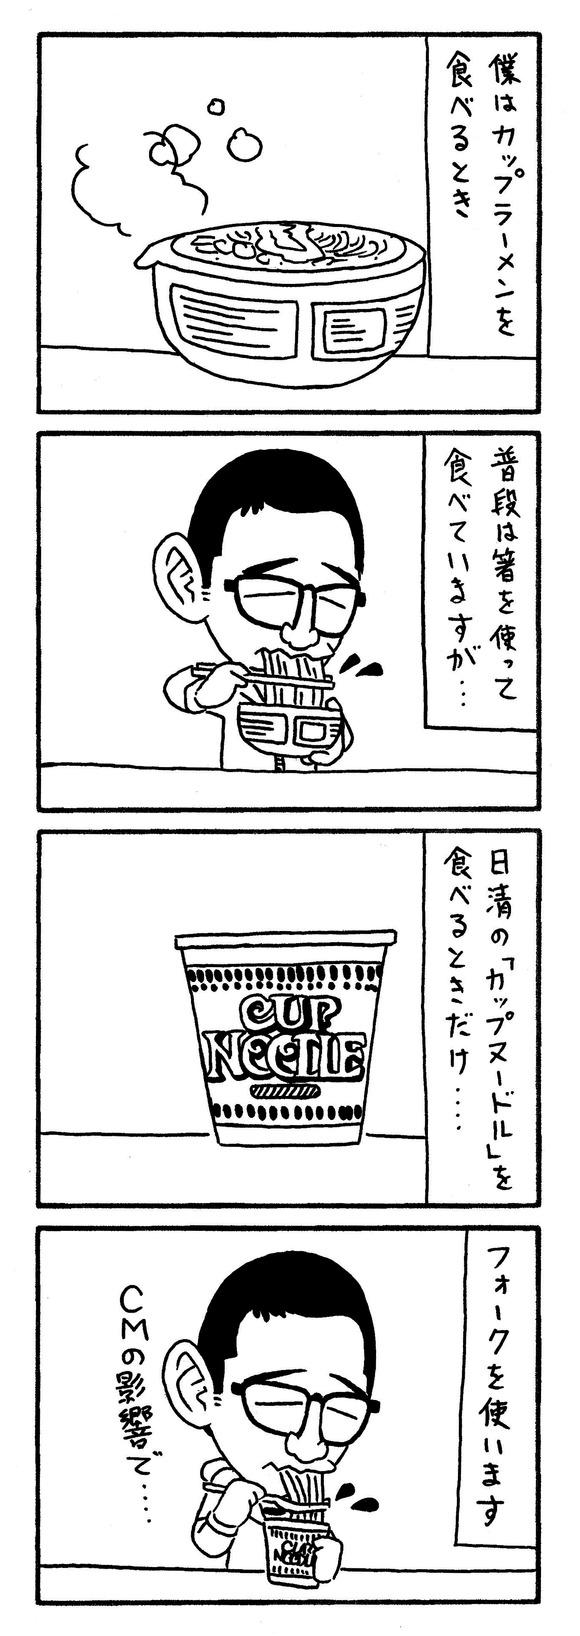 カップラーメンの食べ方